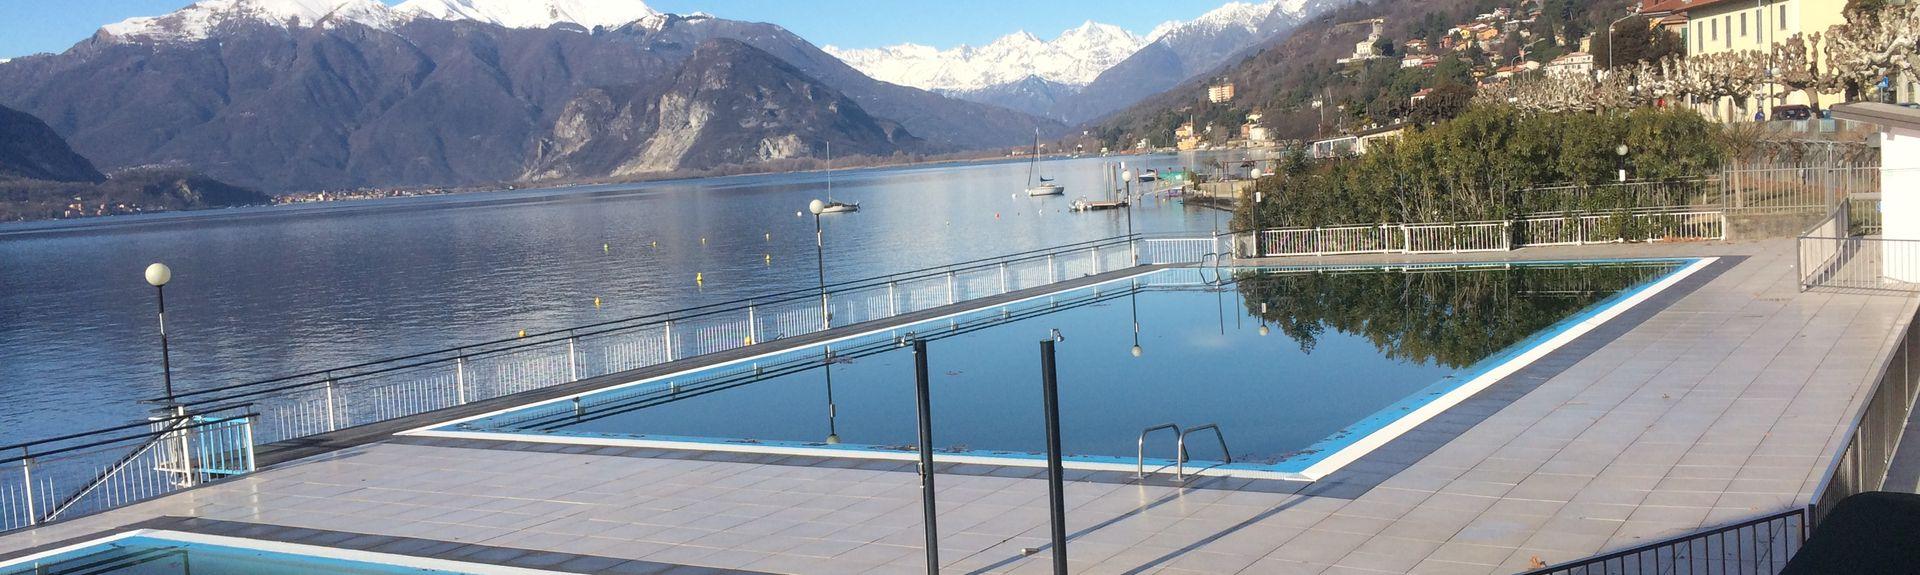 Prowincja Novara, Piemont, Włochy